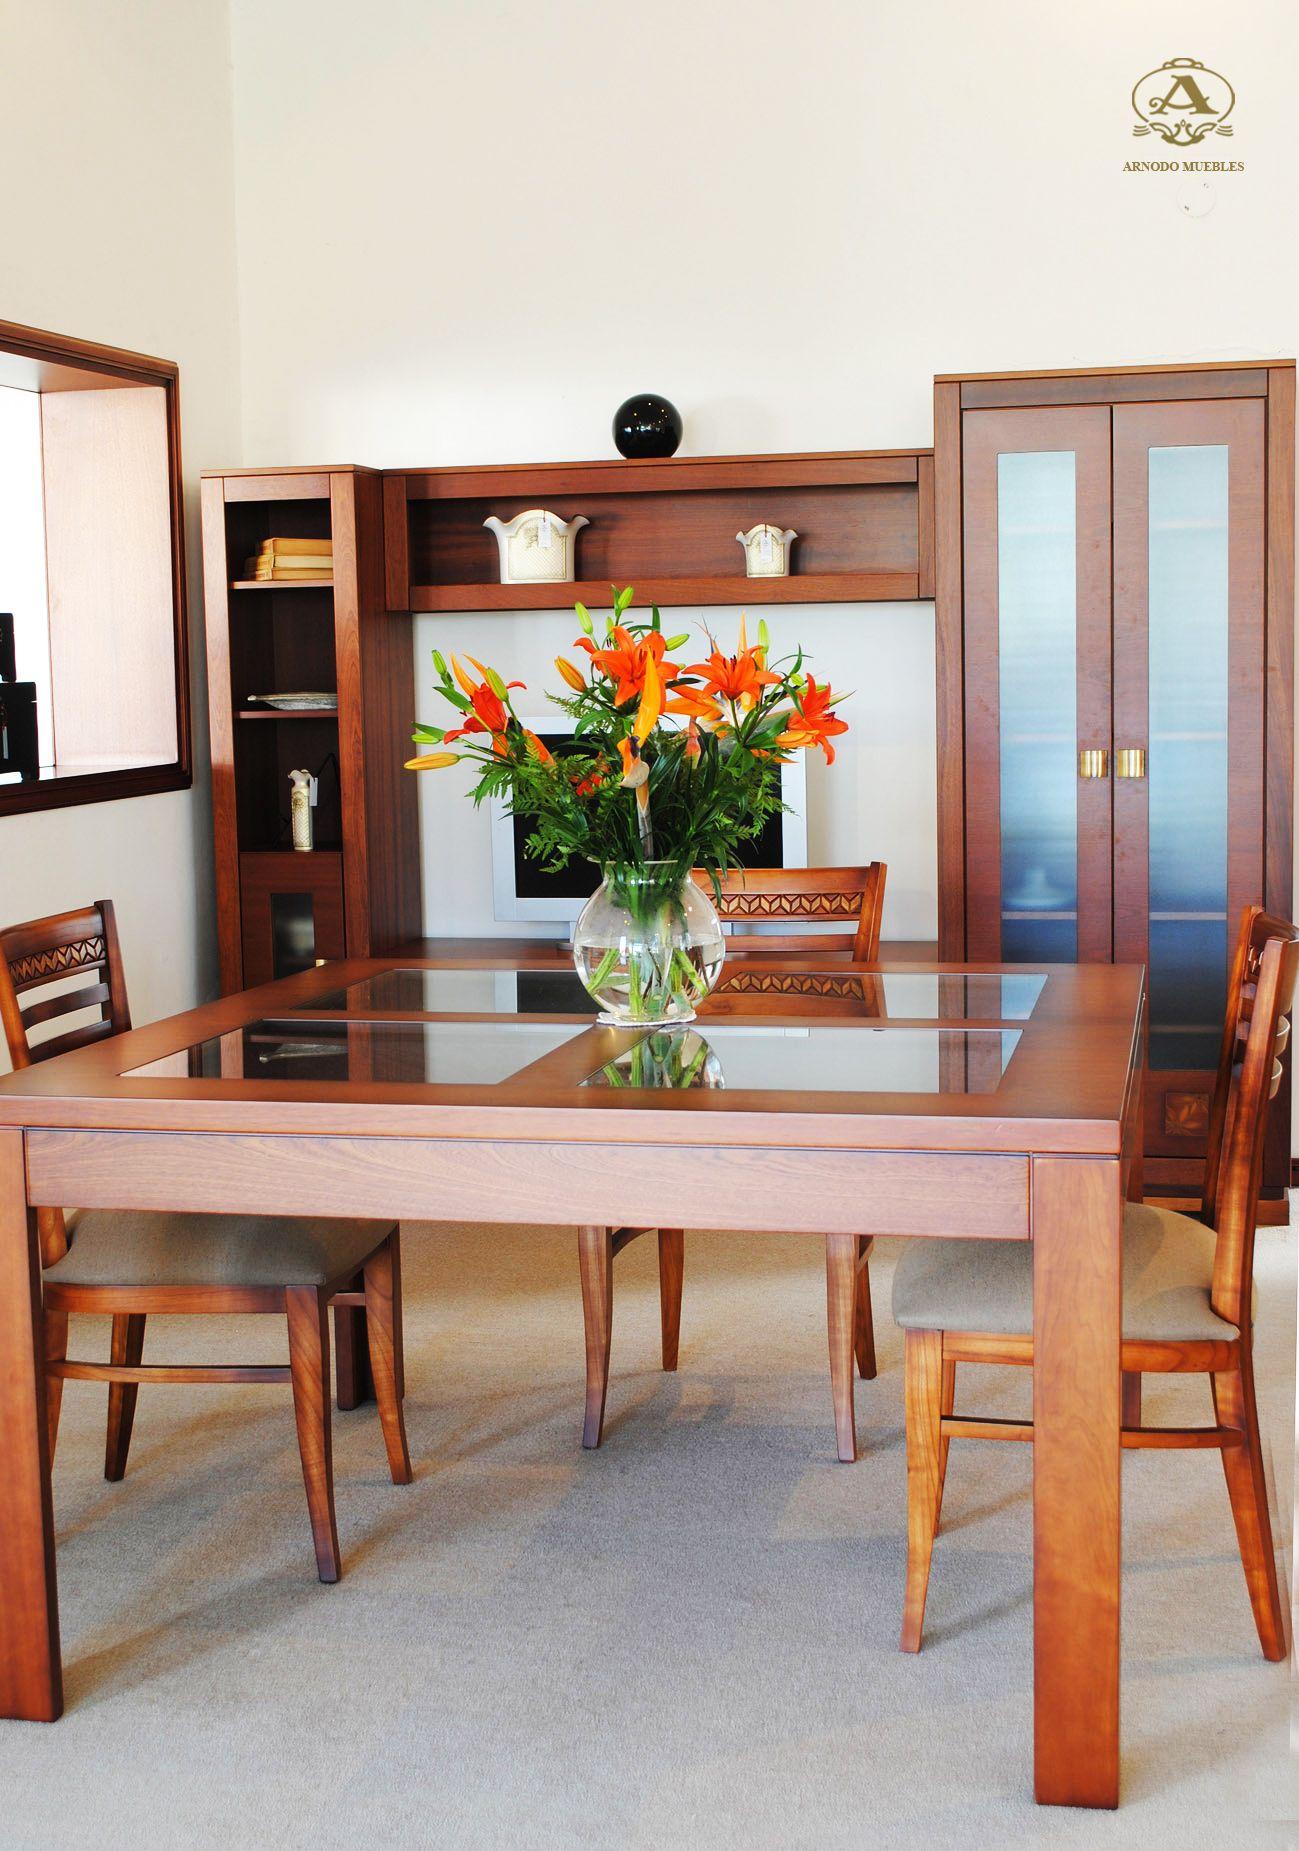 Comedor Mesa Aero Cuadrada Con Vidrio Para Tu Espacio Ideal Una Combinacion De Mader Comedores De Madera Mesas De Comedor Cuadradas Mesas De Vidrio Comedor